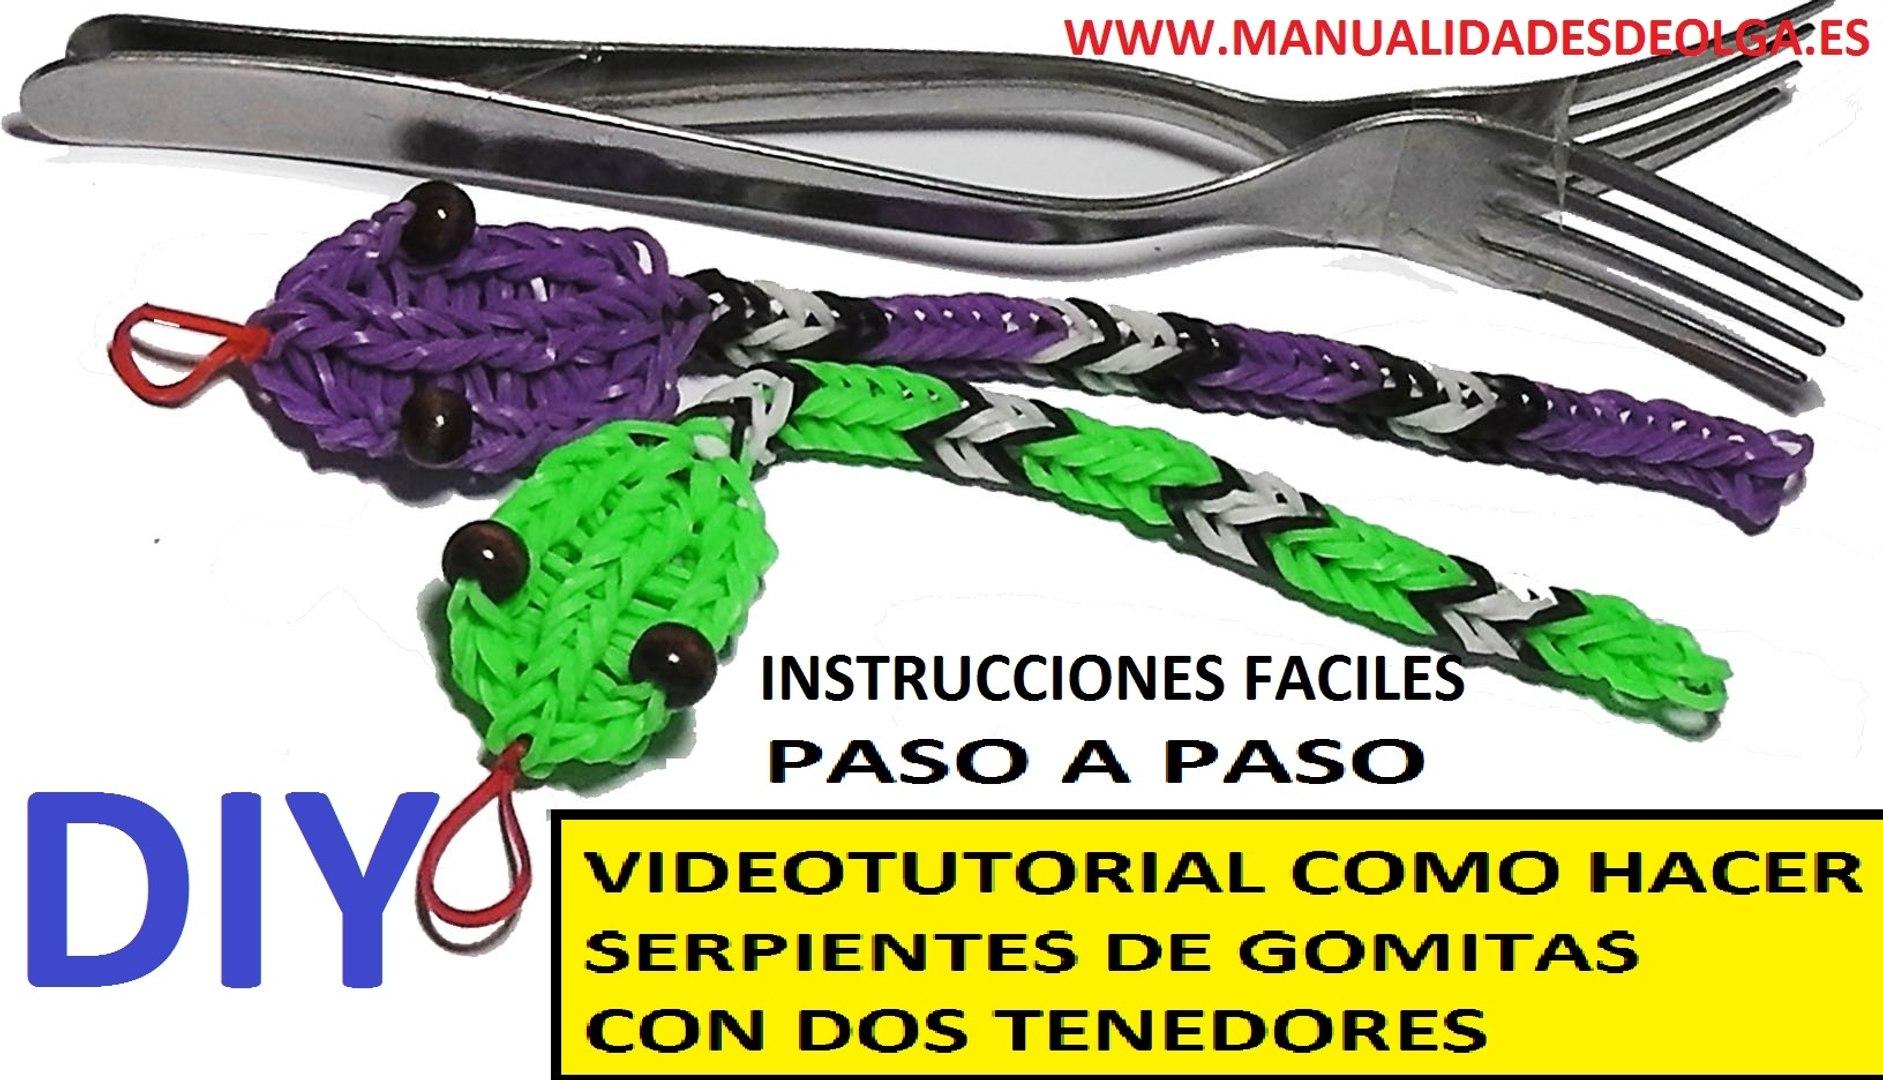 c573aadd23d4 COMO HACER UNA SERPIENTE DE GOMITAS CON DOS TENEDORES. VIDEO TUTORIAL DIY